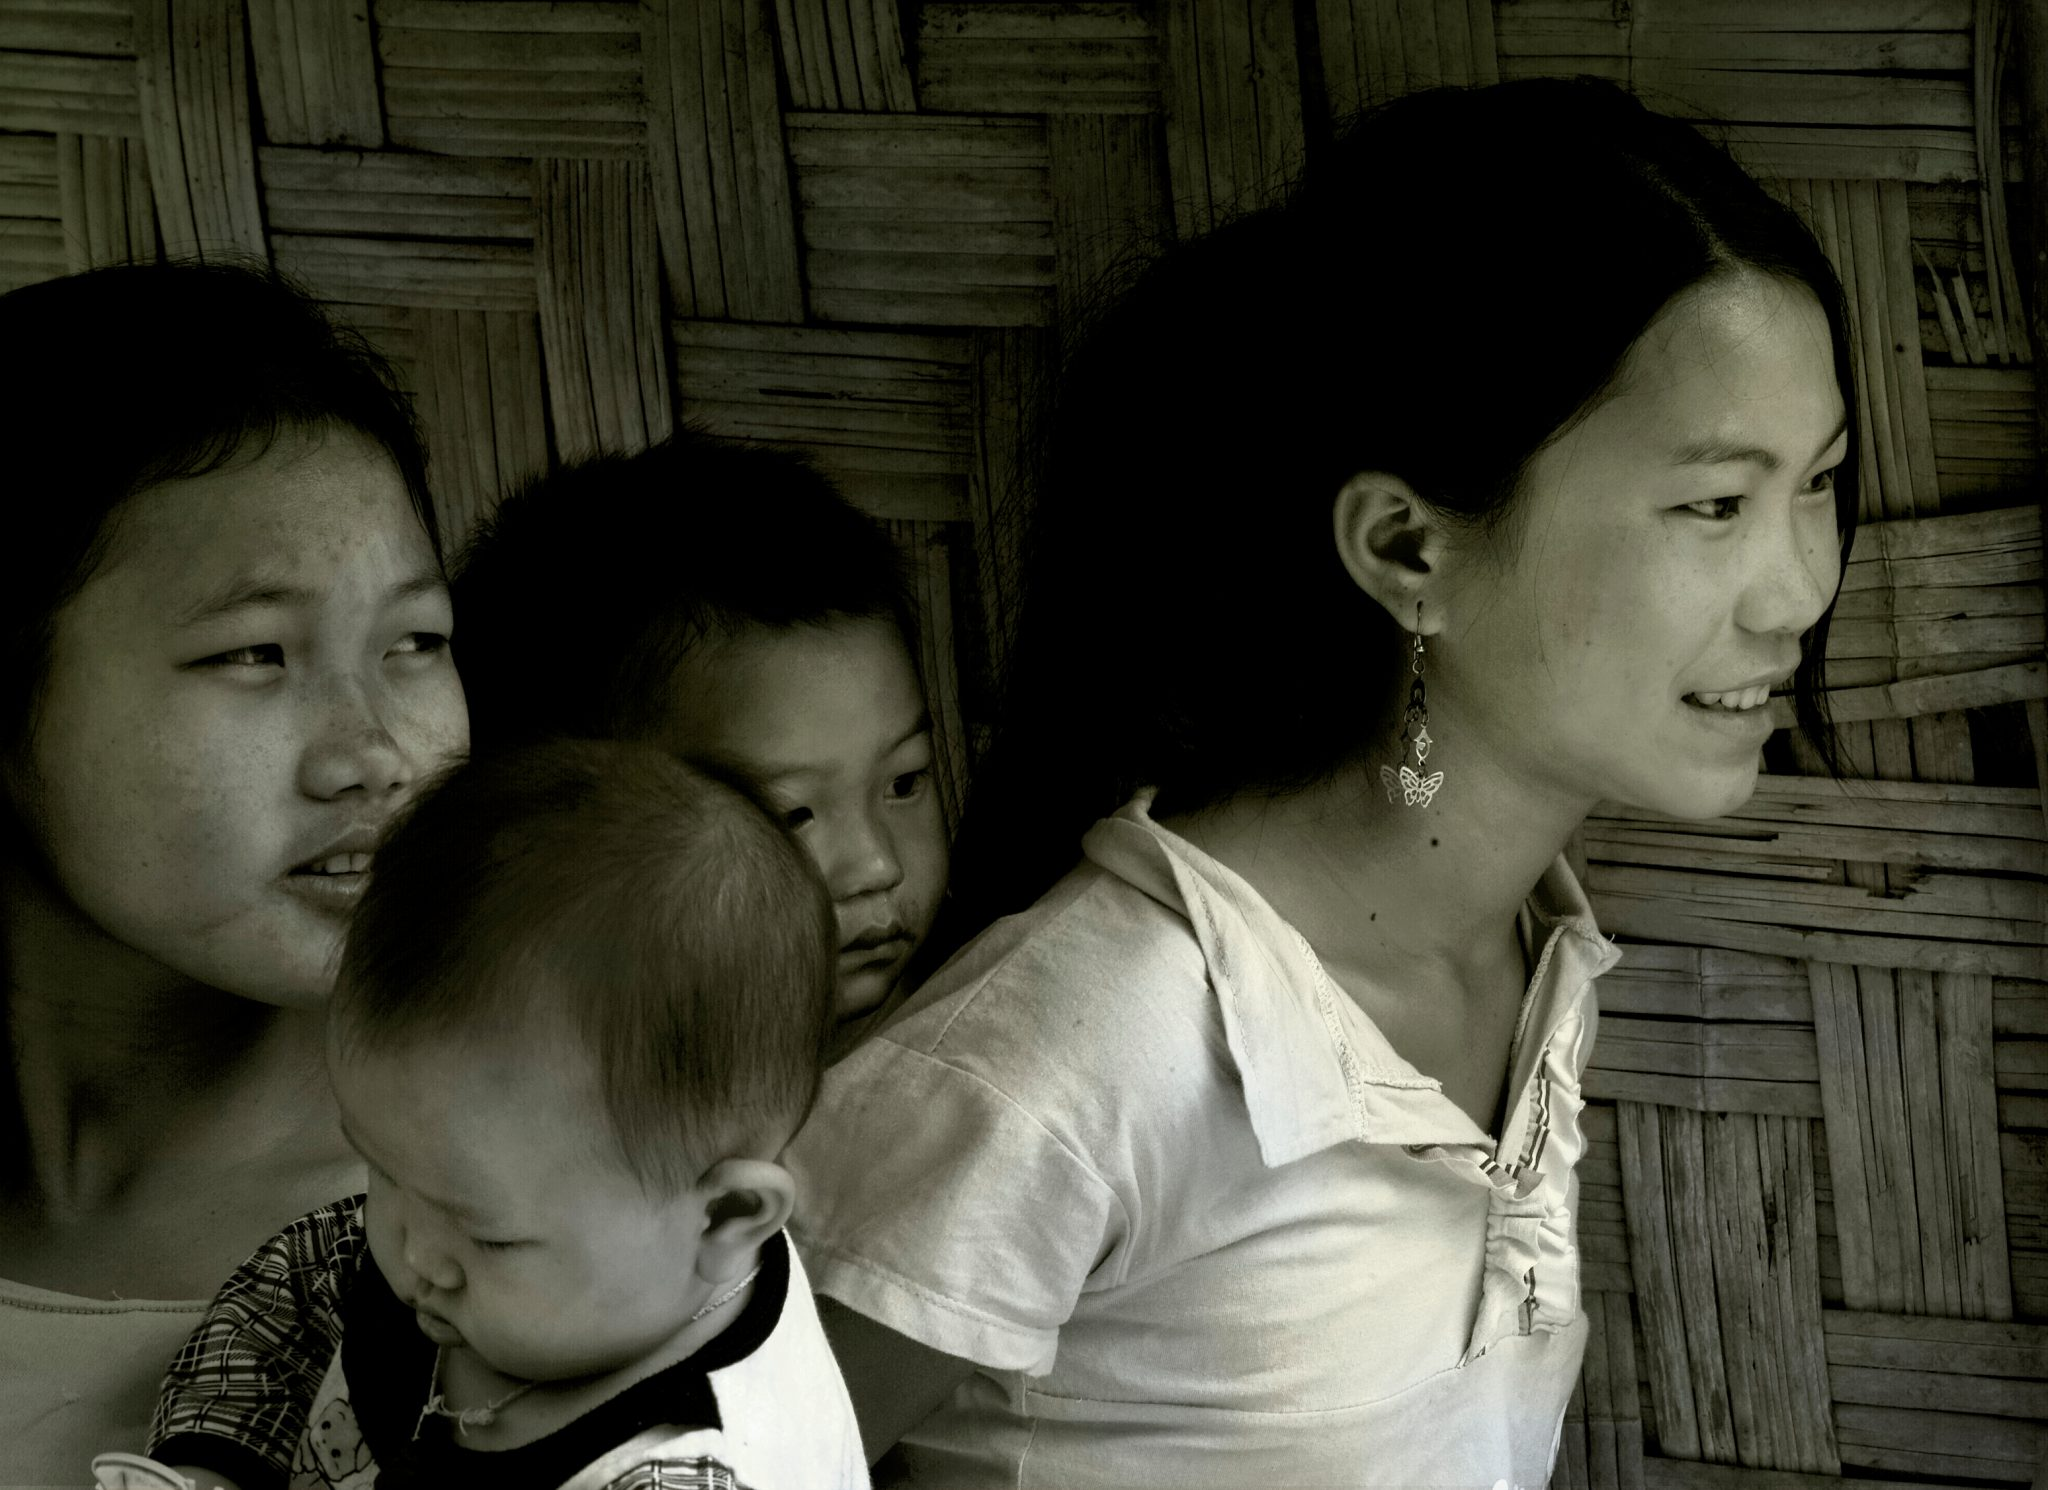 How to understand recent developments in Myanmar under Suu Kyi